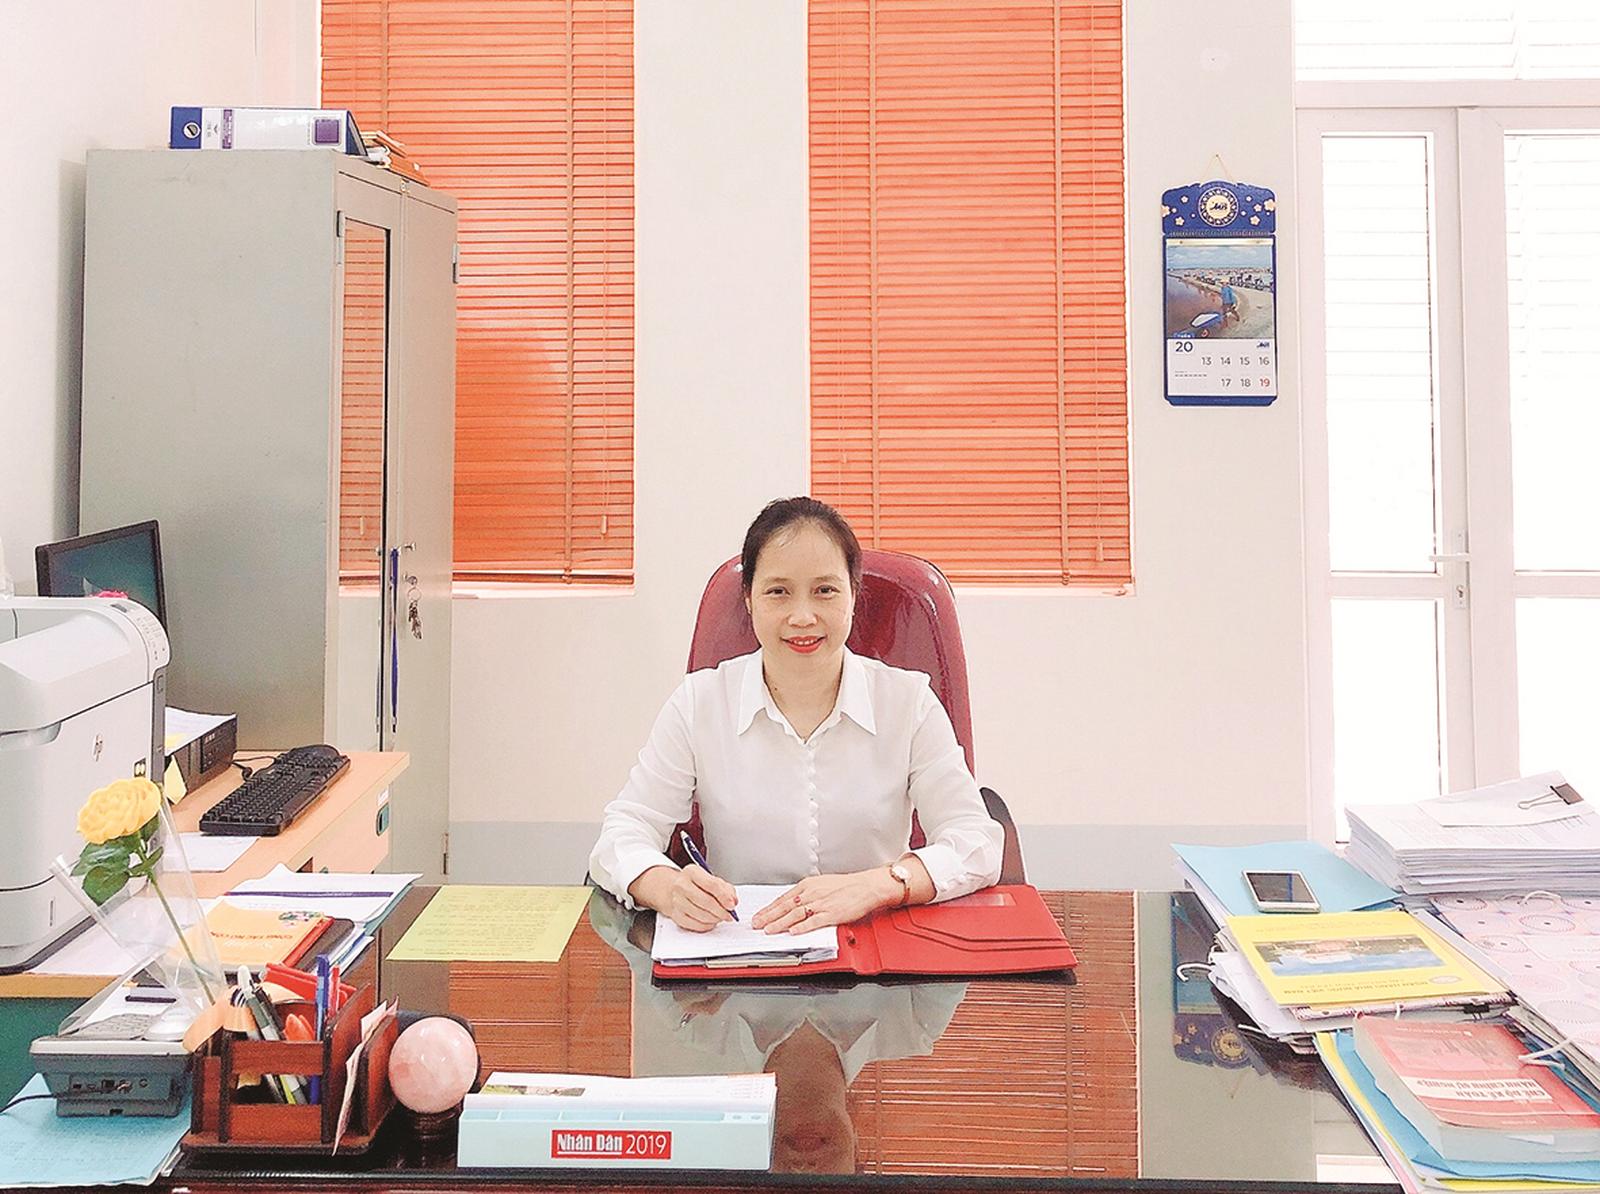 Cán bộ Ngân hàng tiêu biểu: Để nâng cao chất lượng công tác kiểm soát nội bộ